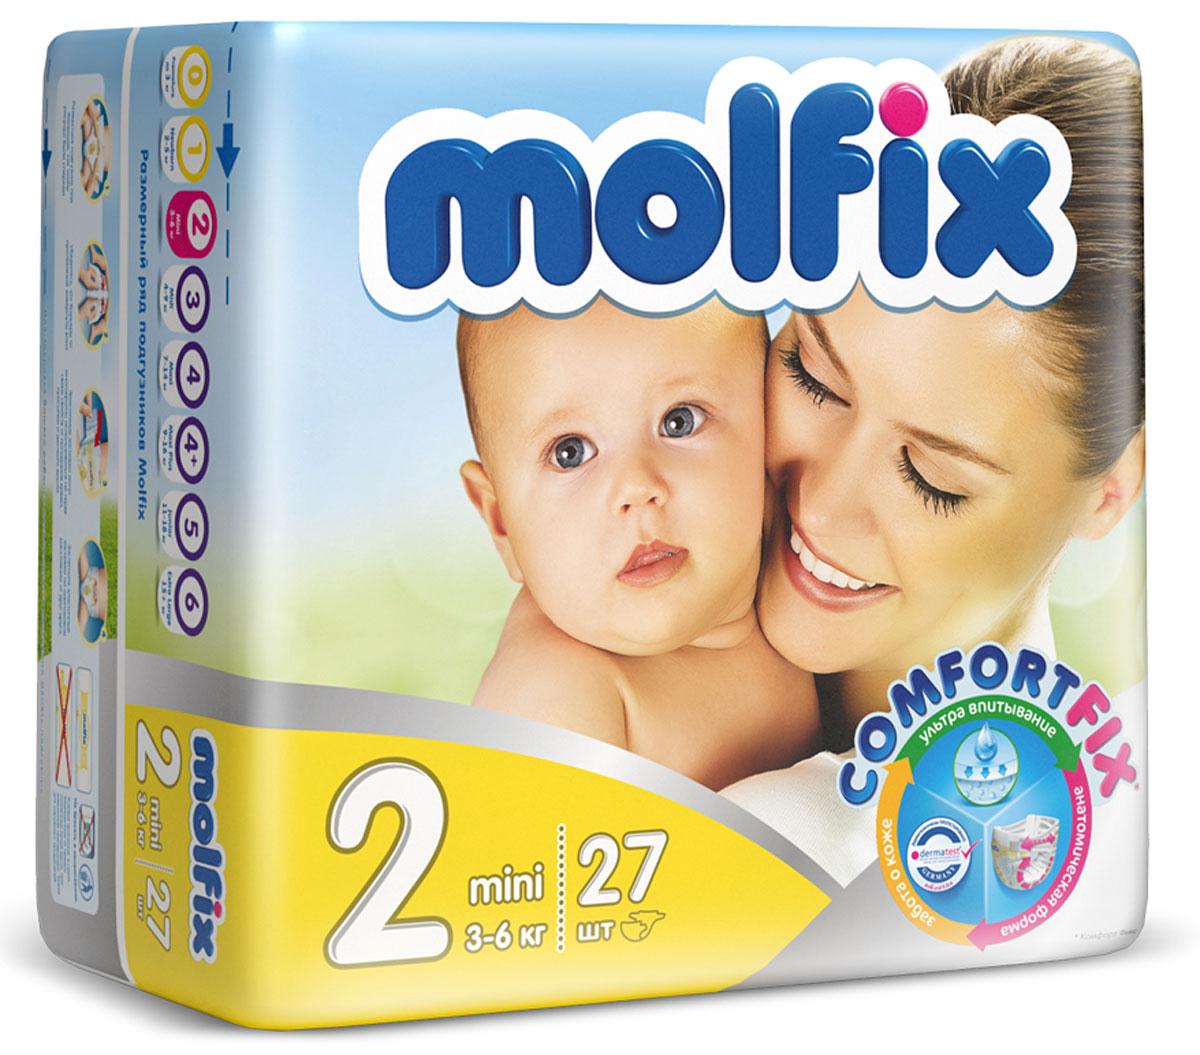 Molfix Подгузники Мини 3-6 кг 27 шт17026Новинка! Ни для кого не секрет, что каждая мама хочет обеспечить защиту и комфорт для своего малыша. Новые премиальные подгузники Molfix отвечают самым высоким стандартам качества категории и соответствуют ожиданиям даже самых взыскательных мам: они отлично впитывают, тонкие и эластичные, обеспечивают малышам надежную защиту, комфорт и хорошее настроение. Подгузники Molfix дерматологически протестированы и одобрены независимым исследовательским институтом Dermatest GmbH (Германия). Особенности: • Специальный ультра впитывающий слой обеспечивает быстрое впитывание; • Тонкая анатомическая структура для комфорта малыша; • Ультра эластичные боковинки обеспечивают свободу движений; • «Дышащий» внешний слой и ультра мягкий внутренний слой для заботы о коже малыша; • Защитные барьерчики обеспечивают защиту от протеканий. В каждой упаковке подгузников Molfix веселые и красочные дизайны на подгузниках!